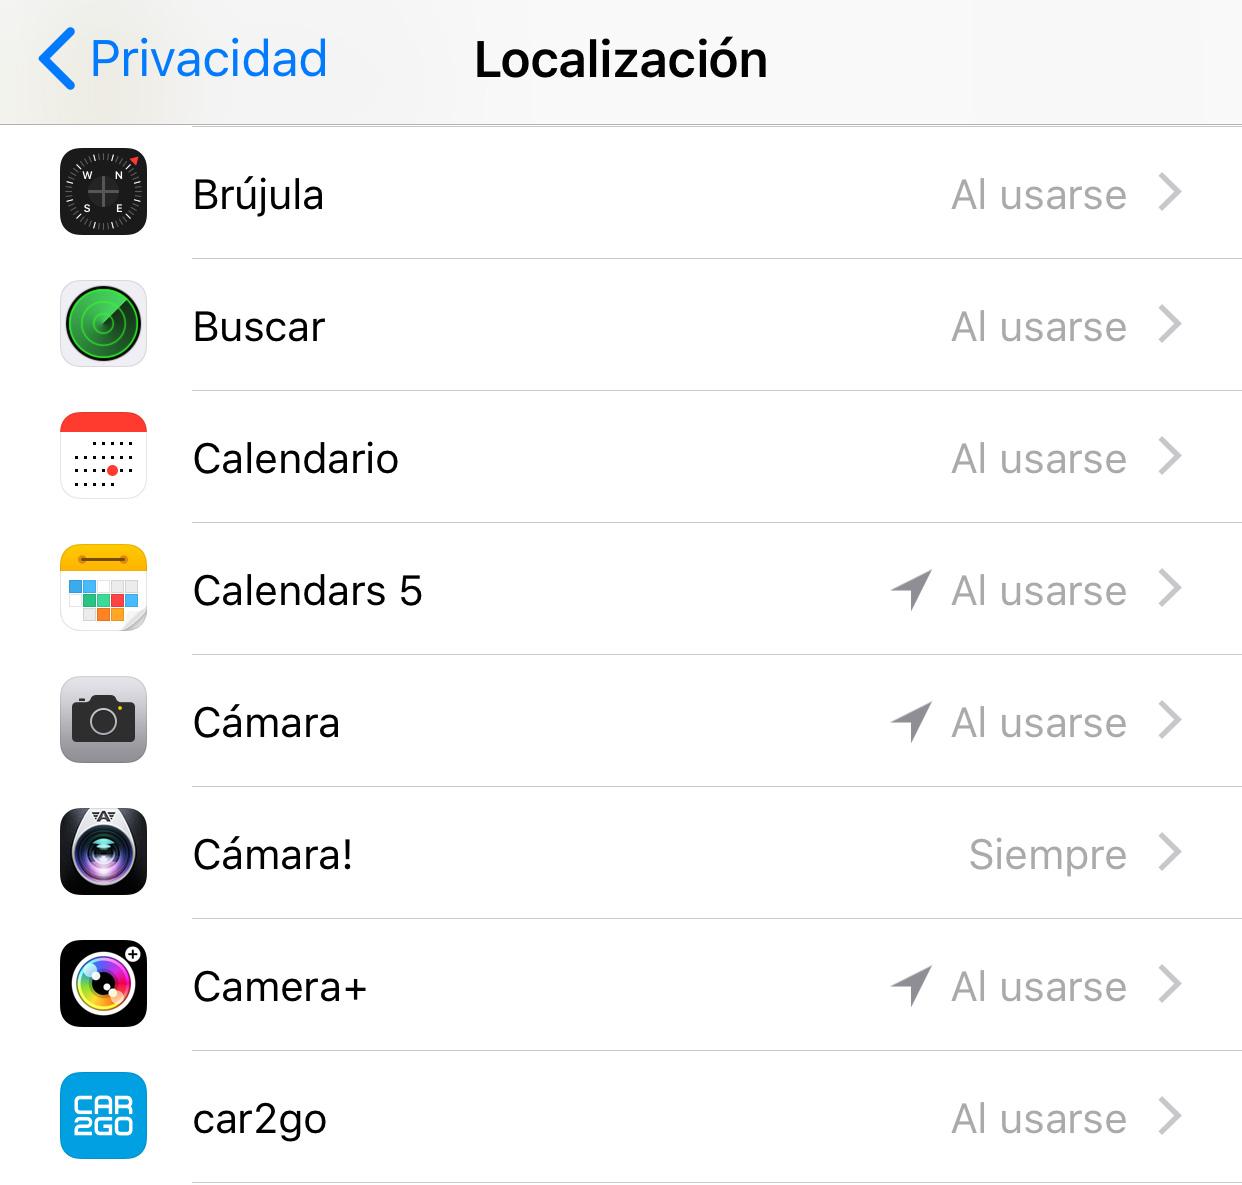 Qué Apps usan ubicación en segundo plano